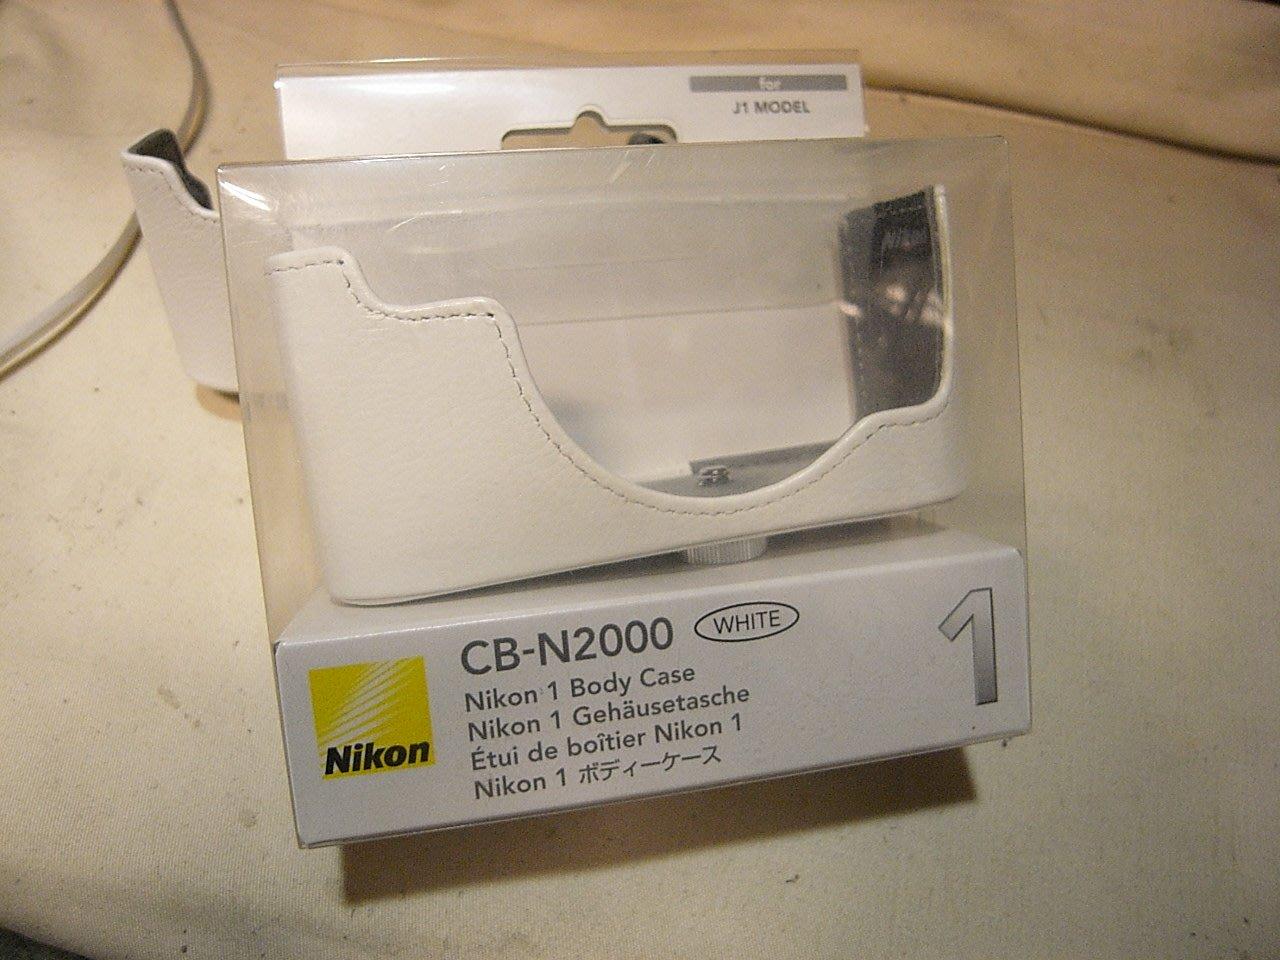 全新-NIKON CB-N2000 J1 原廠皮套 /機身套 NIKON 1